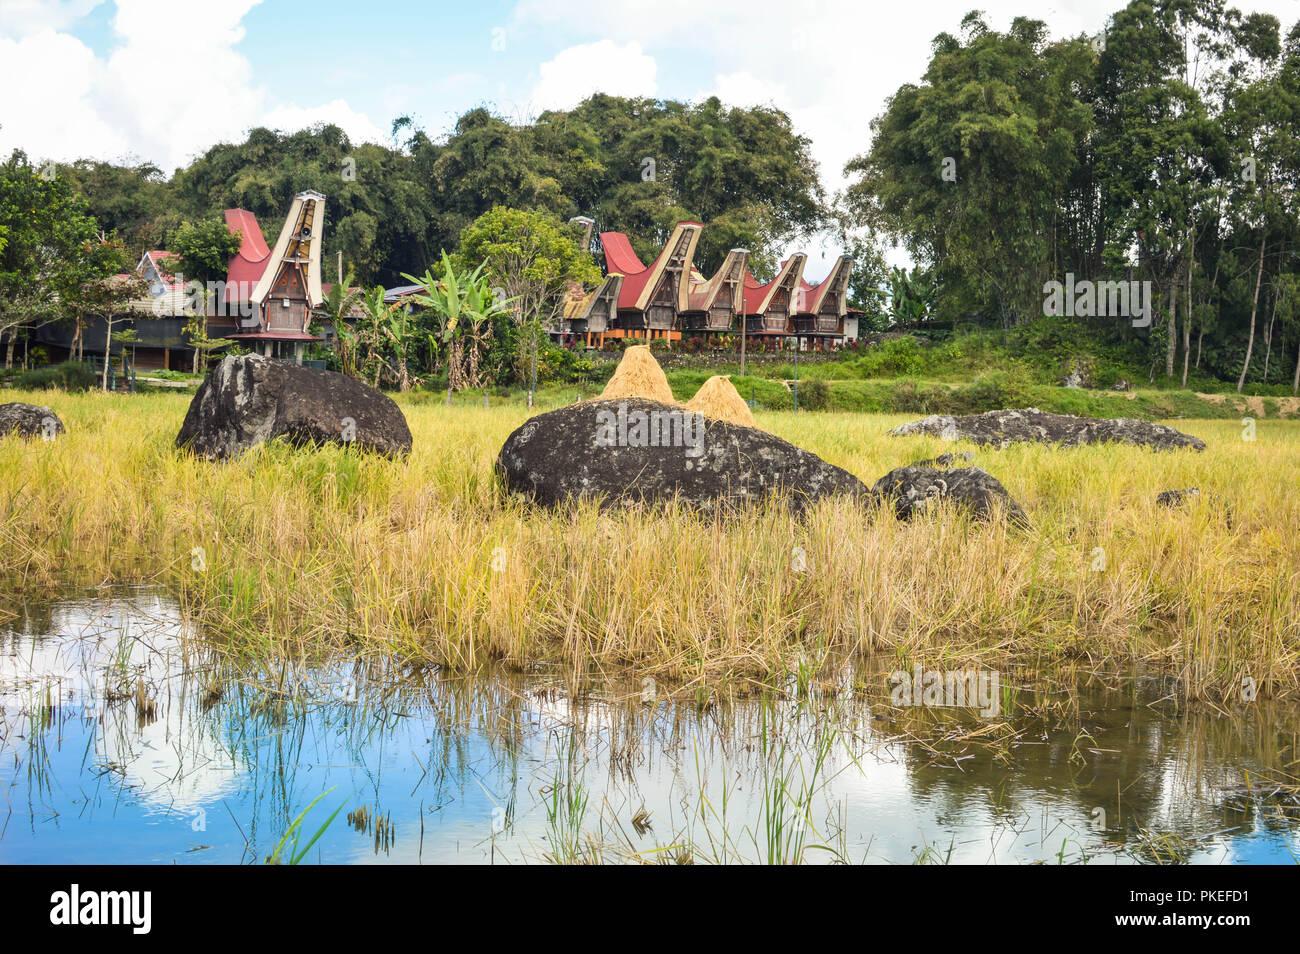 Landscape with traditional Tongkonan houses in Tana Toraja highlands near Batutumongi village. South Sulawesi, Indonesia - Stock Image